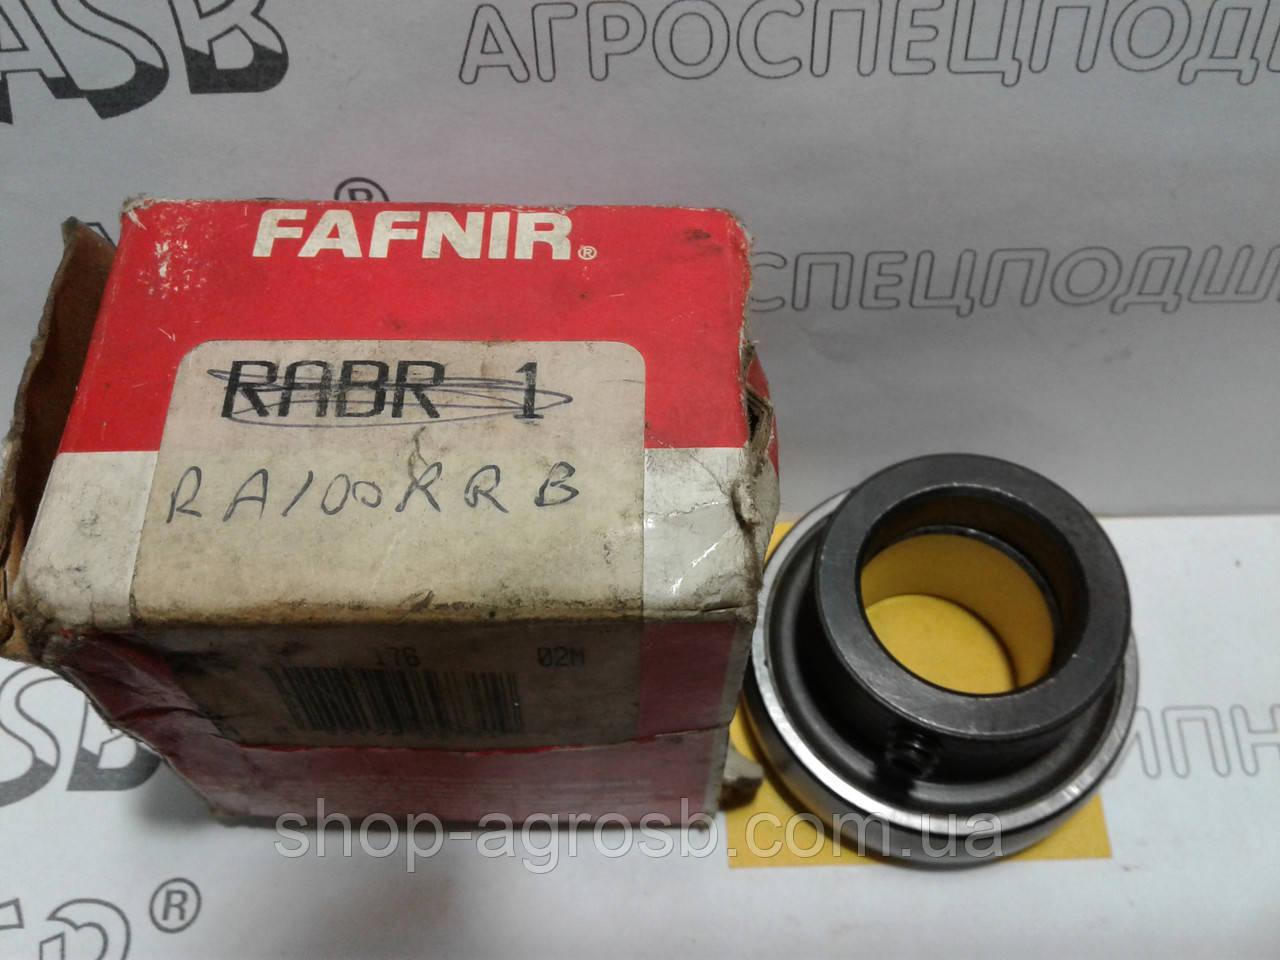 Подшипник FAFNIR RA100RRB, JD8665, ES205-16G2,AEL205-100D1W3, SA205-16F, 1100EES, RA100NPPB